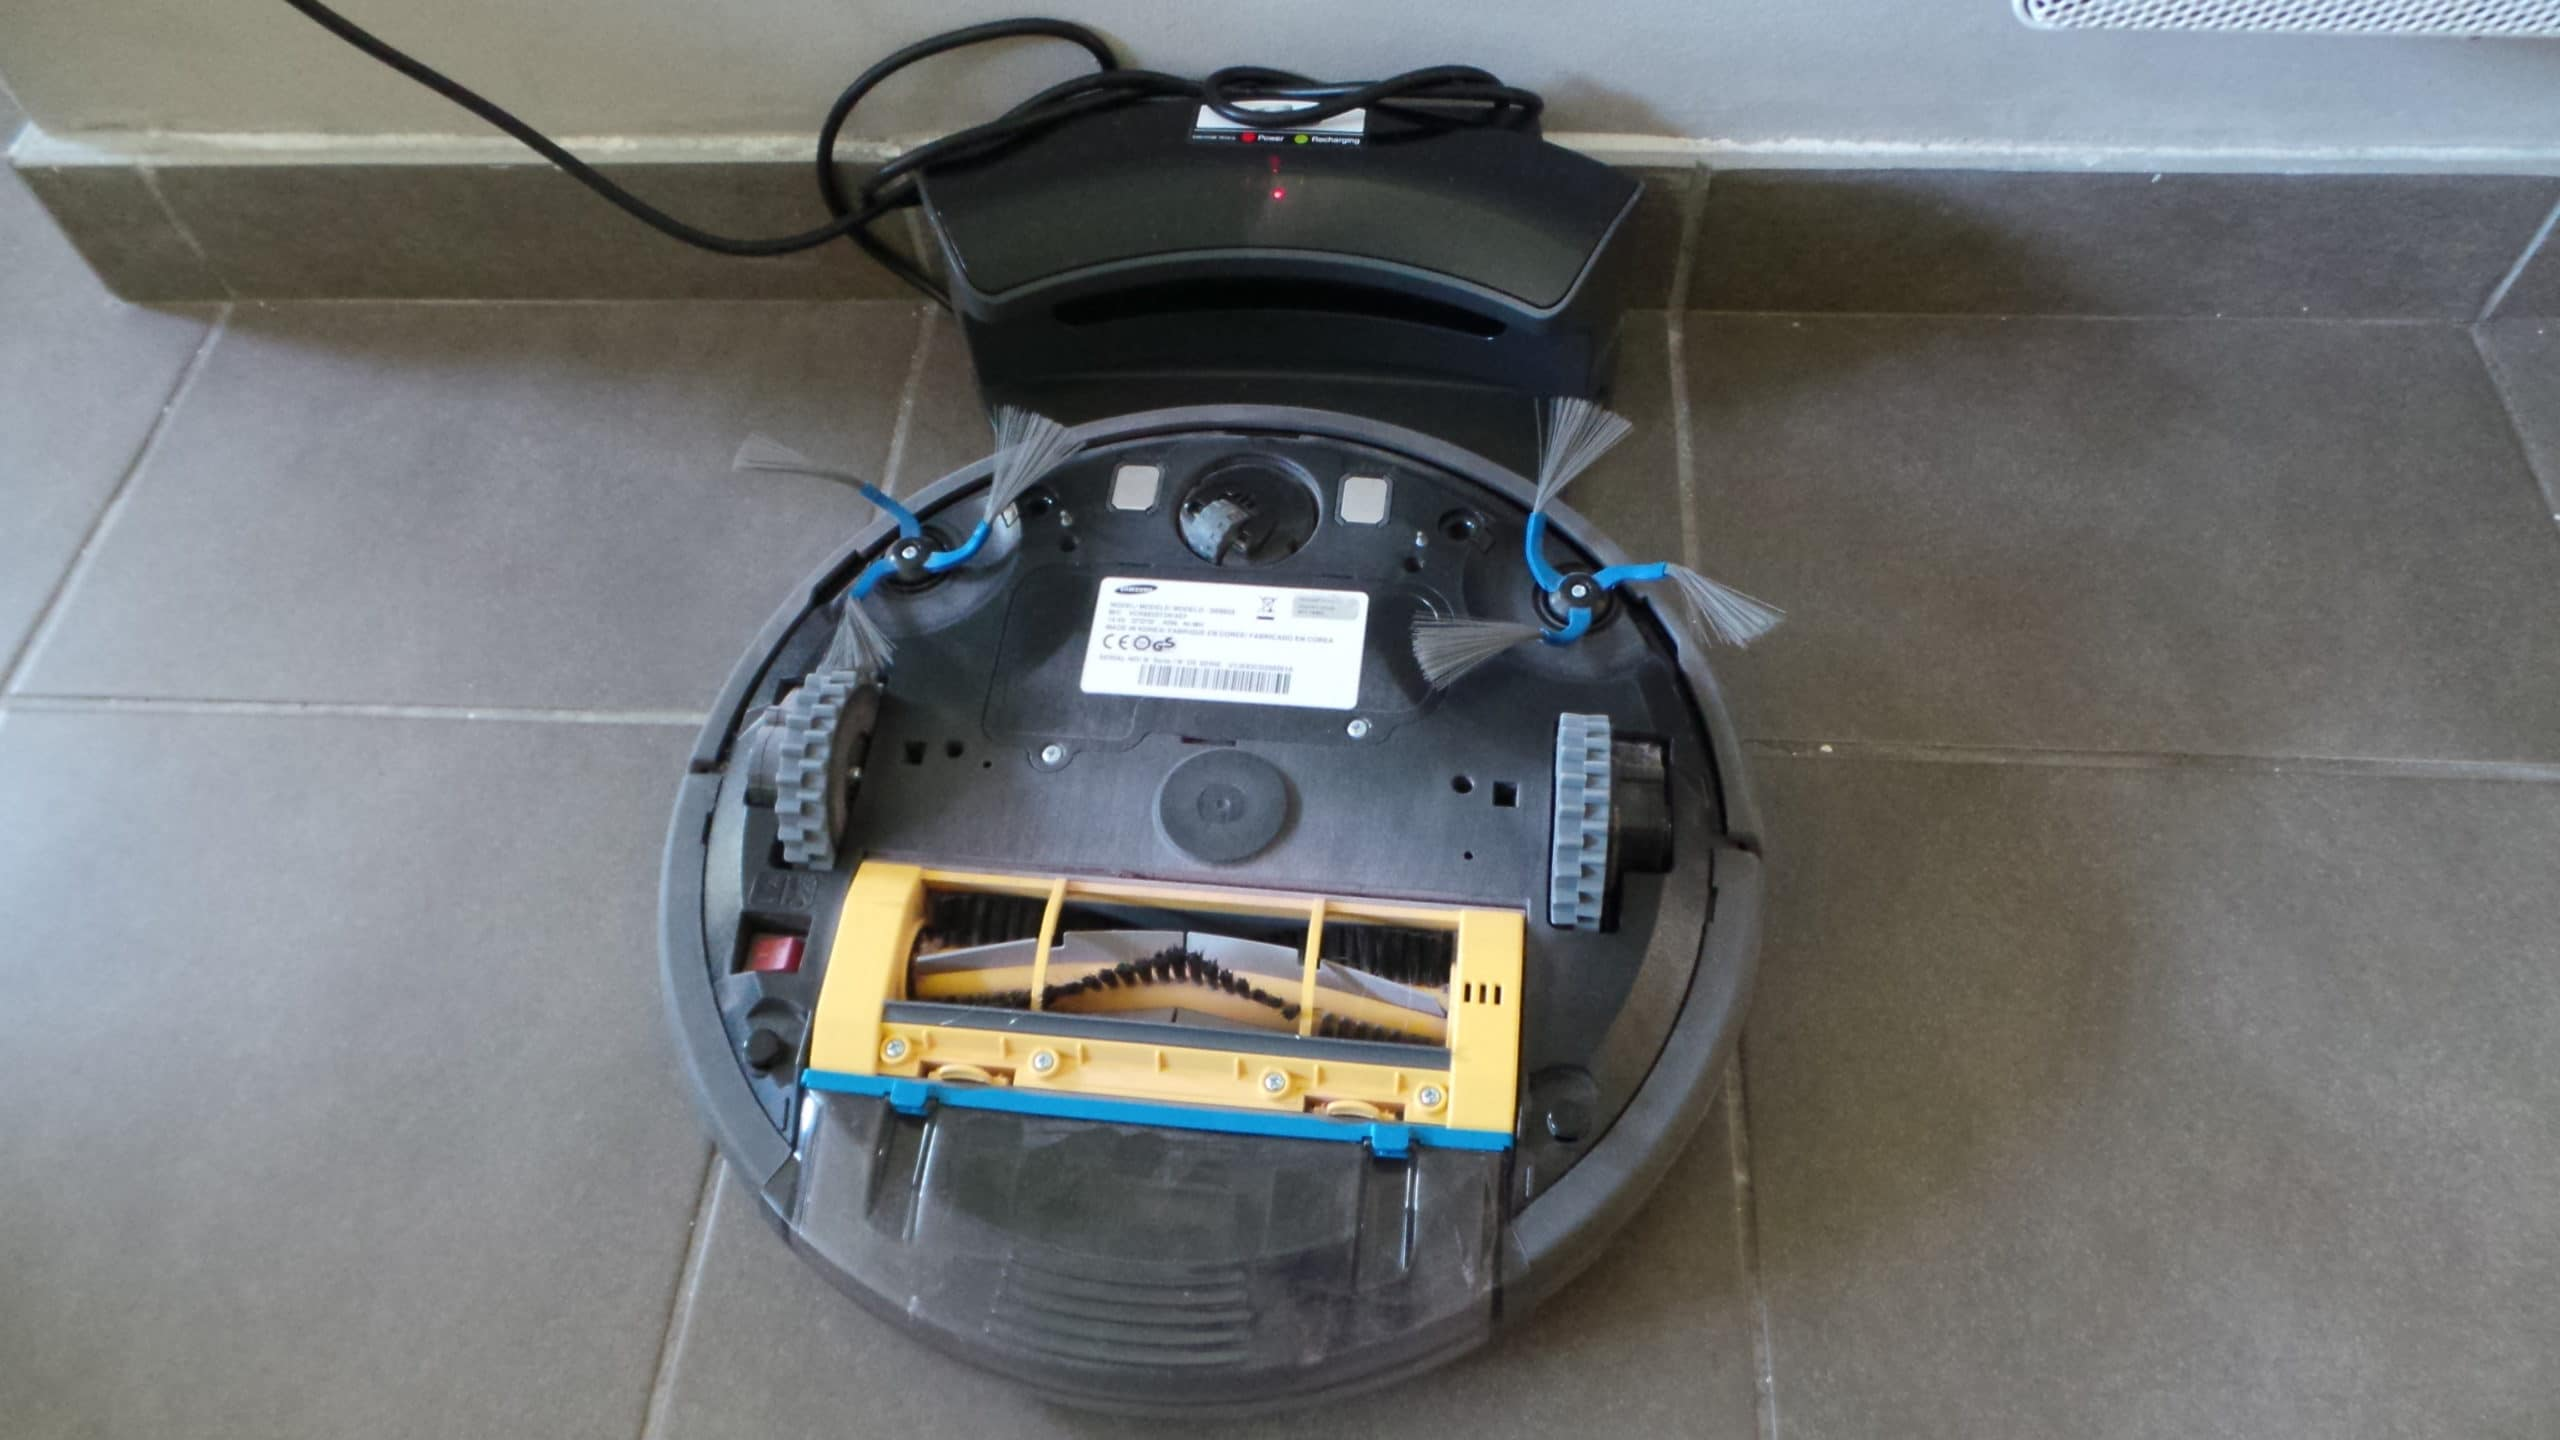 test du robot aspirateur samsung sr8825 xy mag. Black Bedroom Furniture Sets. Home Design Ideas